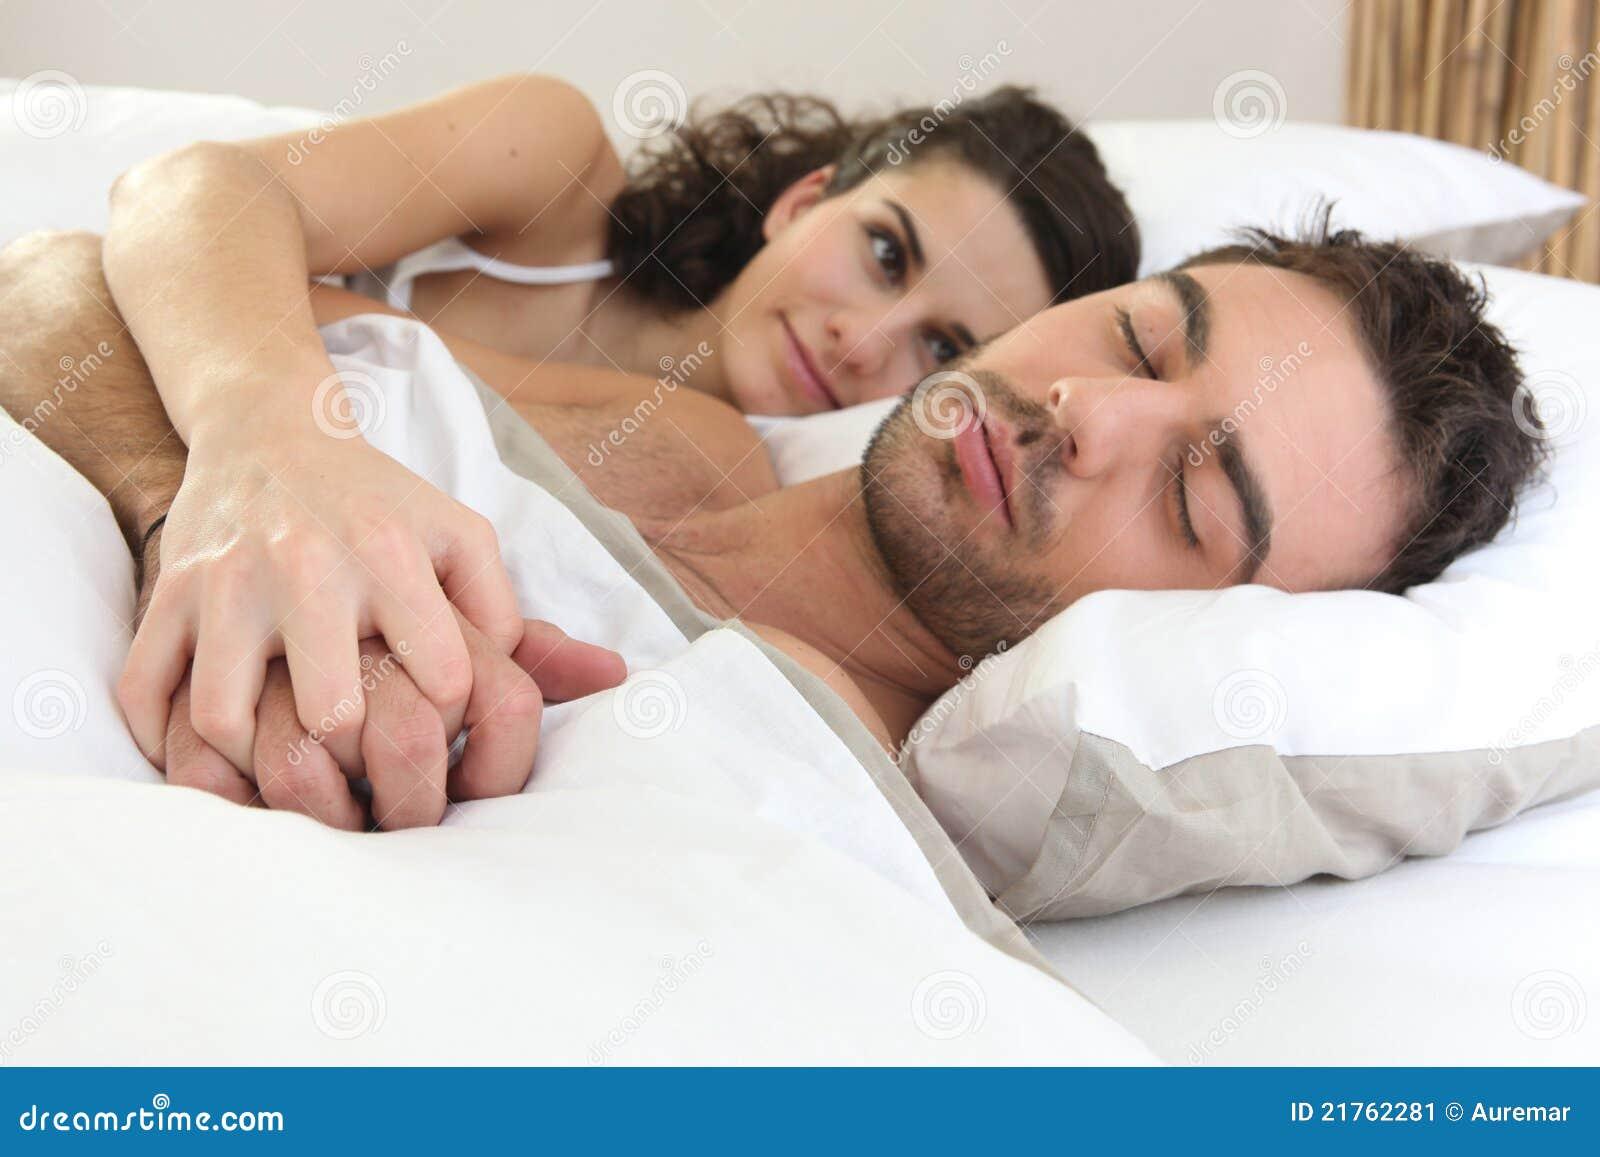 boyfriend sleep